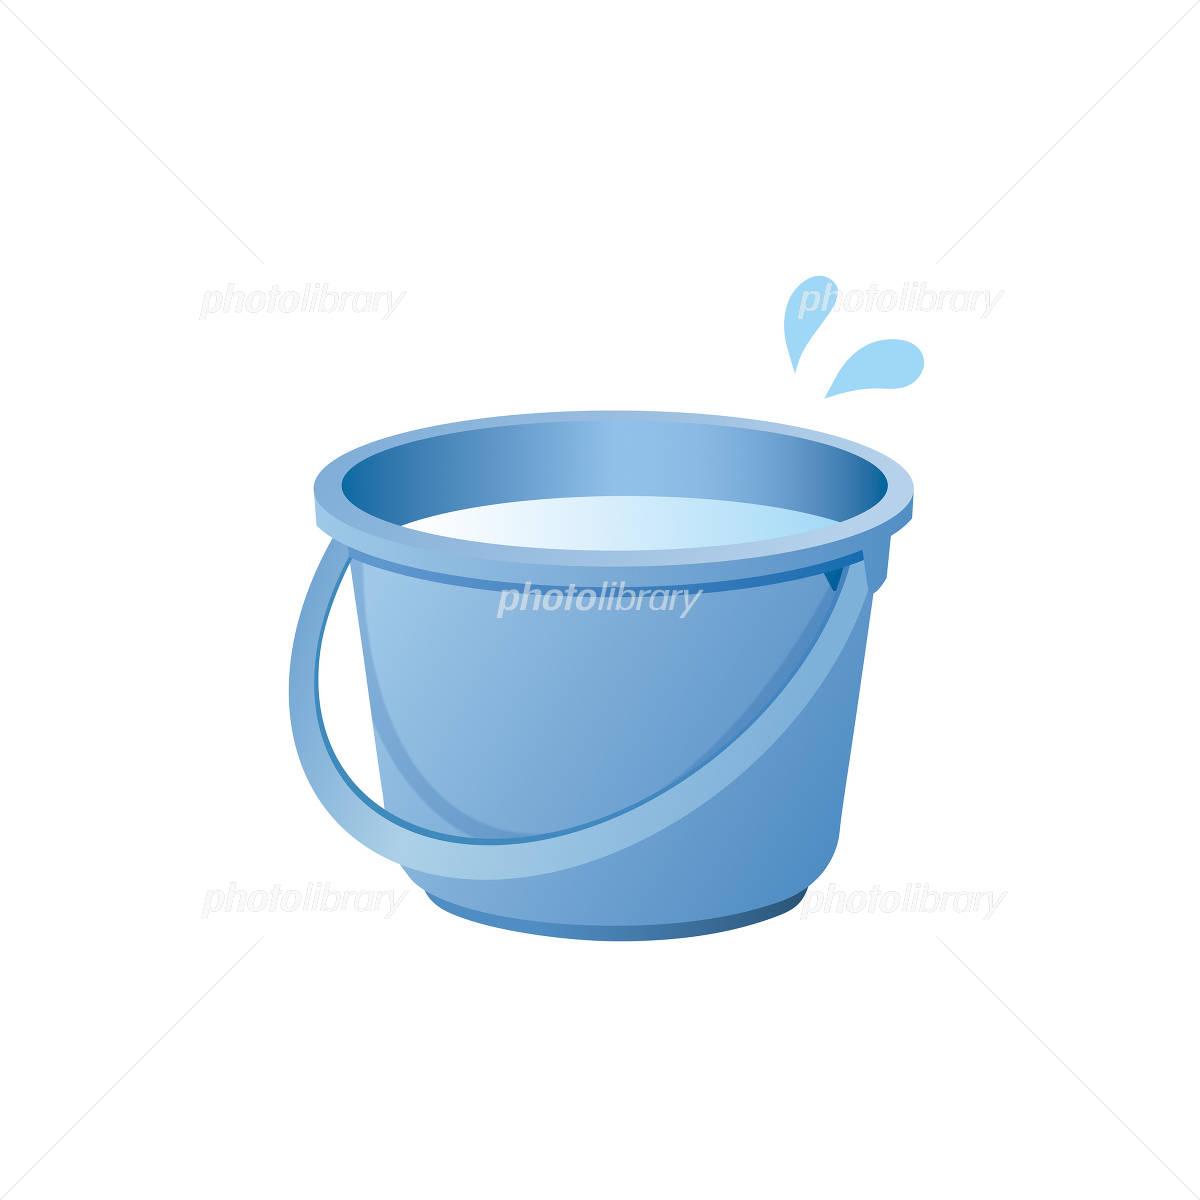 水のはったバケツのイラスト イラスト素材 [ 1105842 ] - フォトライブ